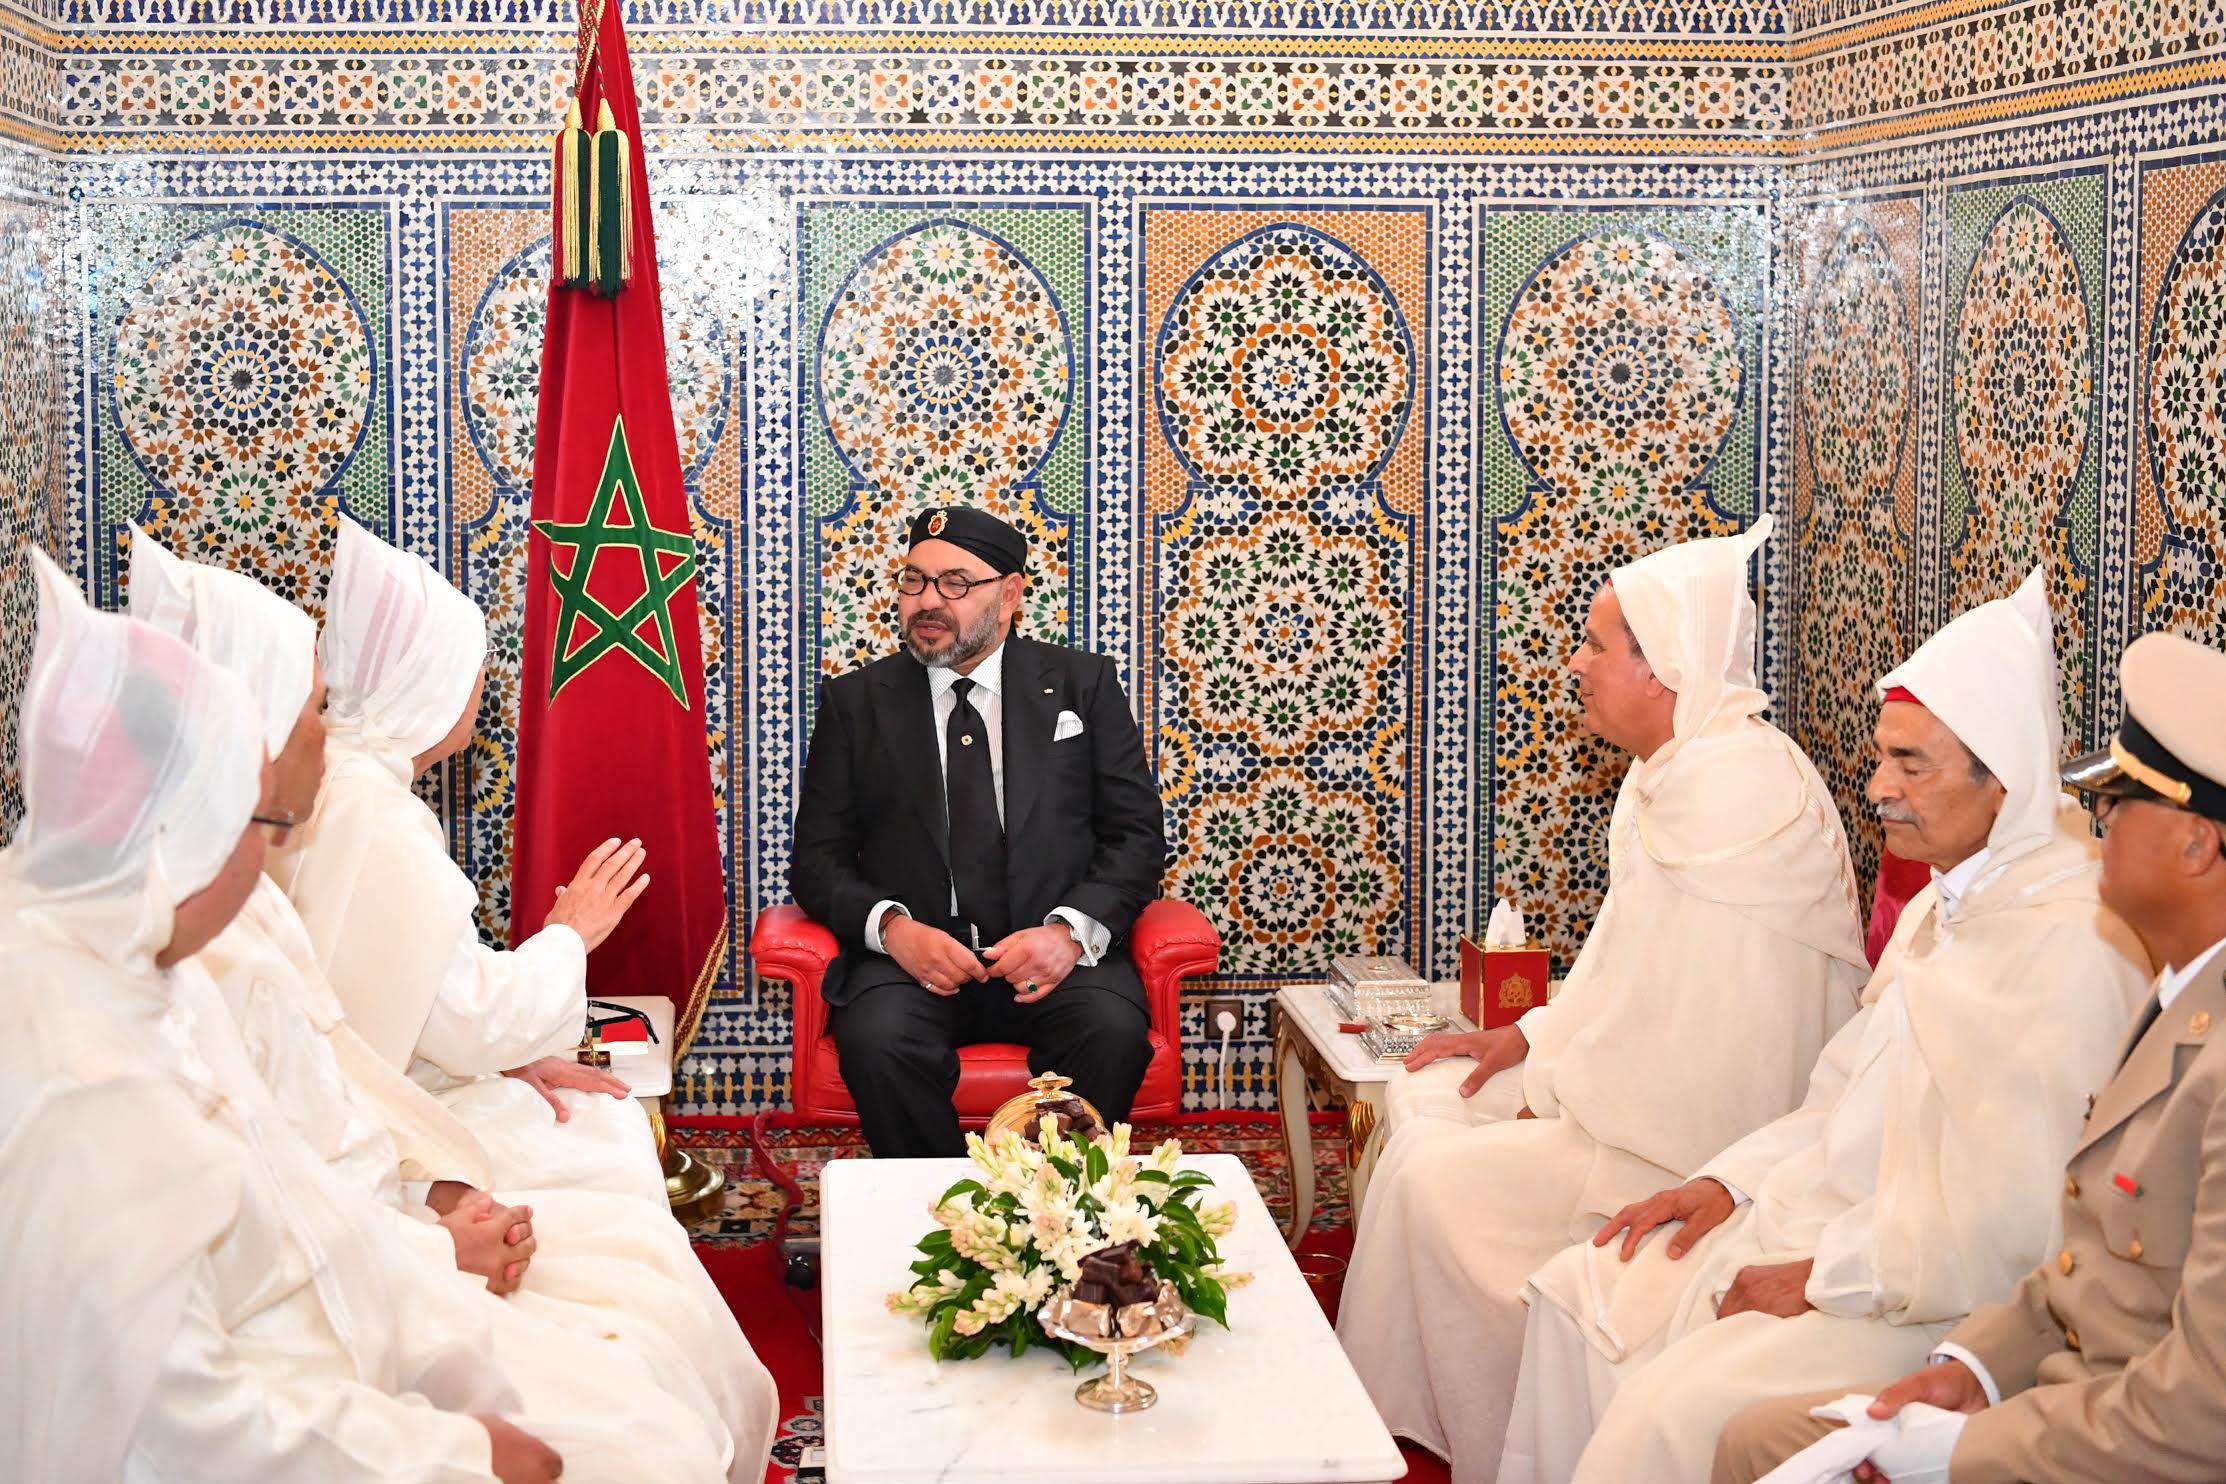 صورة أمير المؤمنين يستقبل أعضاء الوفد الرسمي المتوجه إلى الديار المقدسة